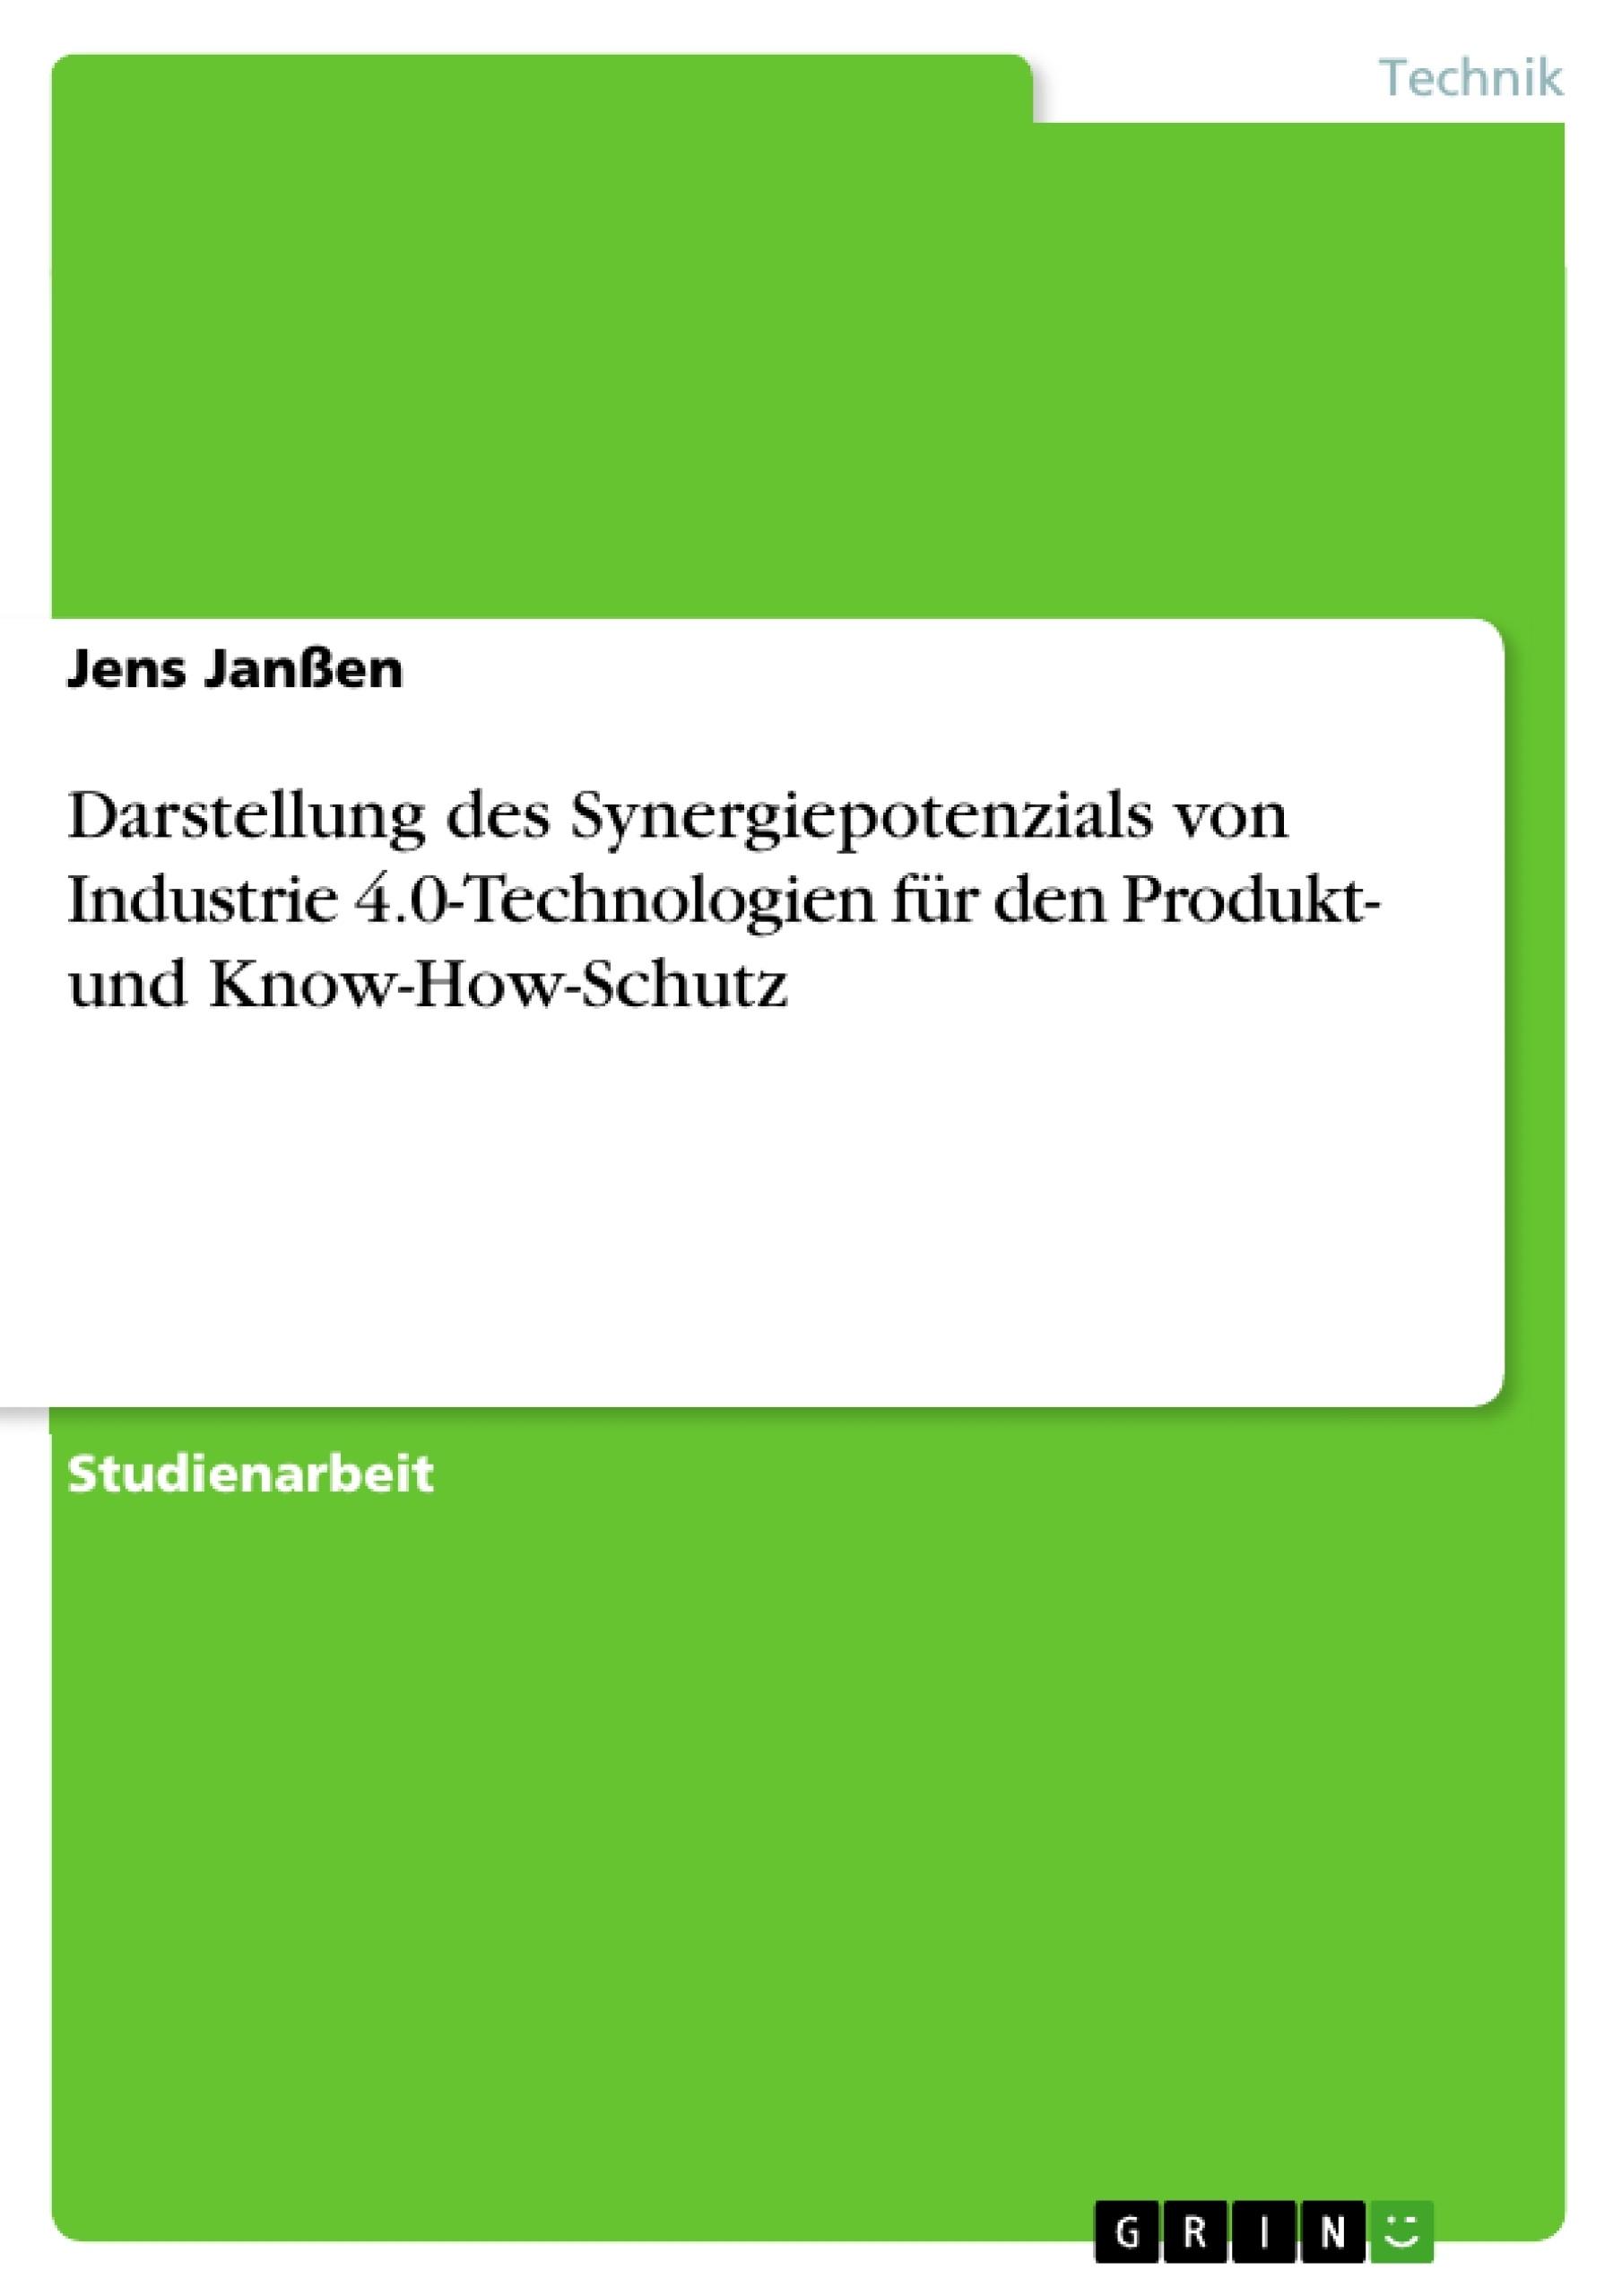 Titel: Darstellung des Synergiepotenzials von Industrie 4.0-Technologien für den Produkt- und Know-How-Schutz